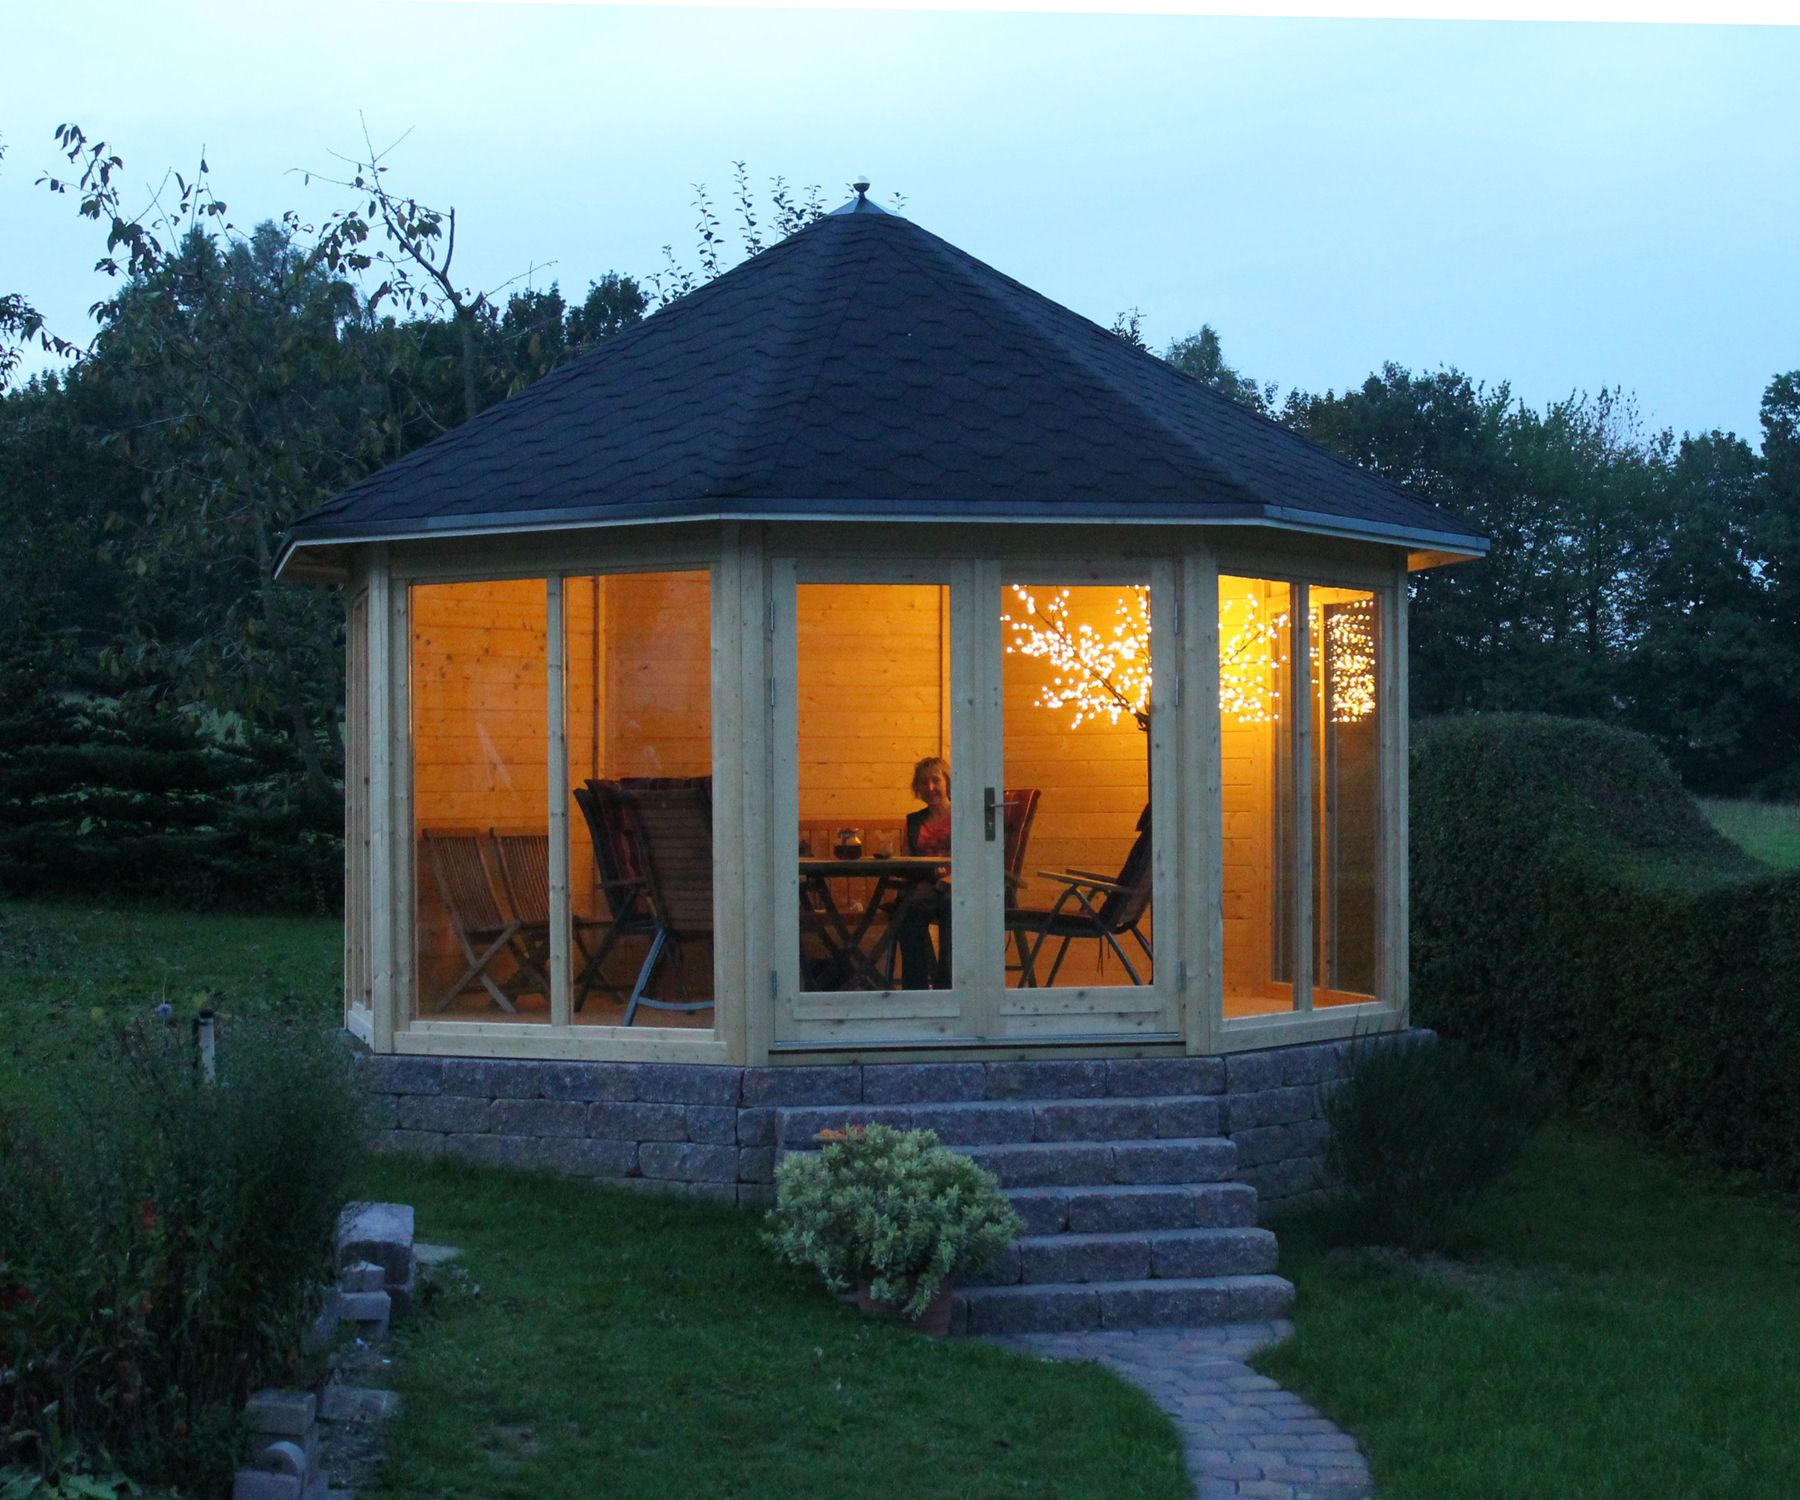 Gartenpavillon auf gemauertem Fundament auch abends ein